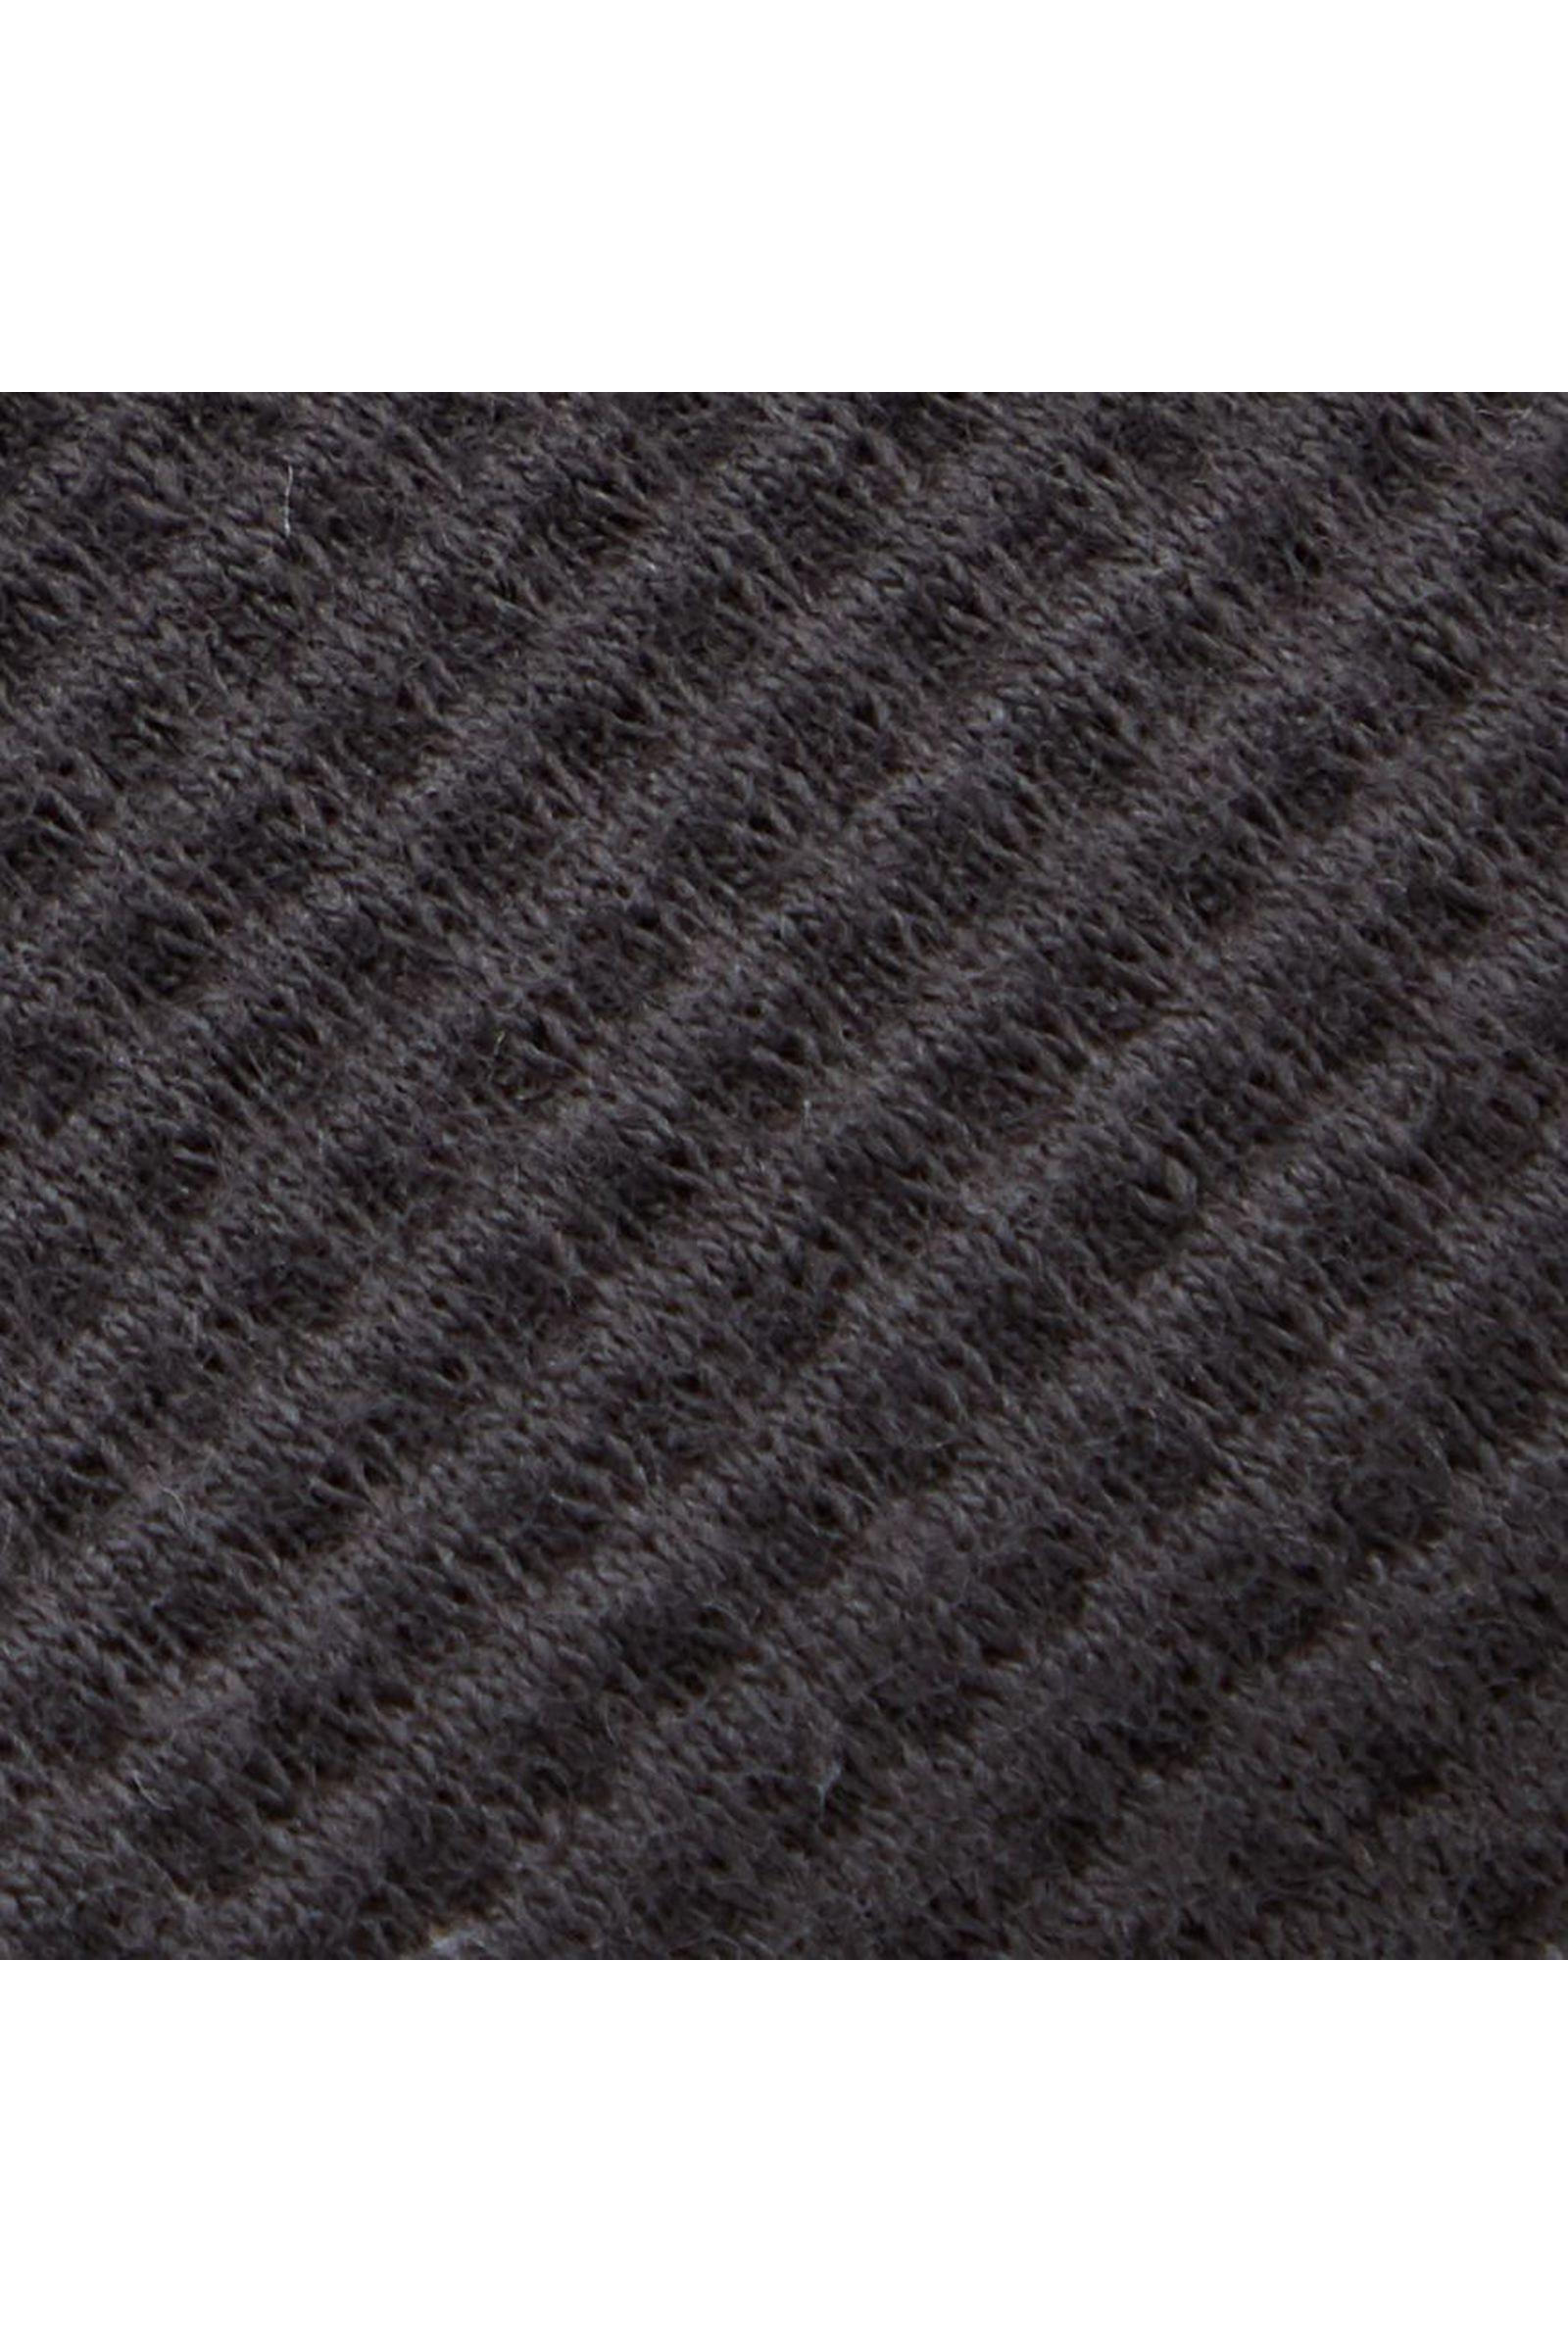 COS 프린티드 오가닉 코튼 레깅스의 그레이컬러 Detail입니다.